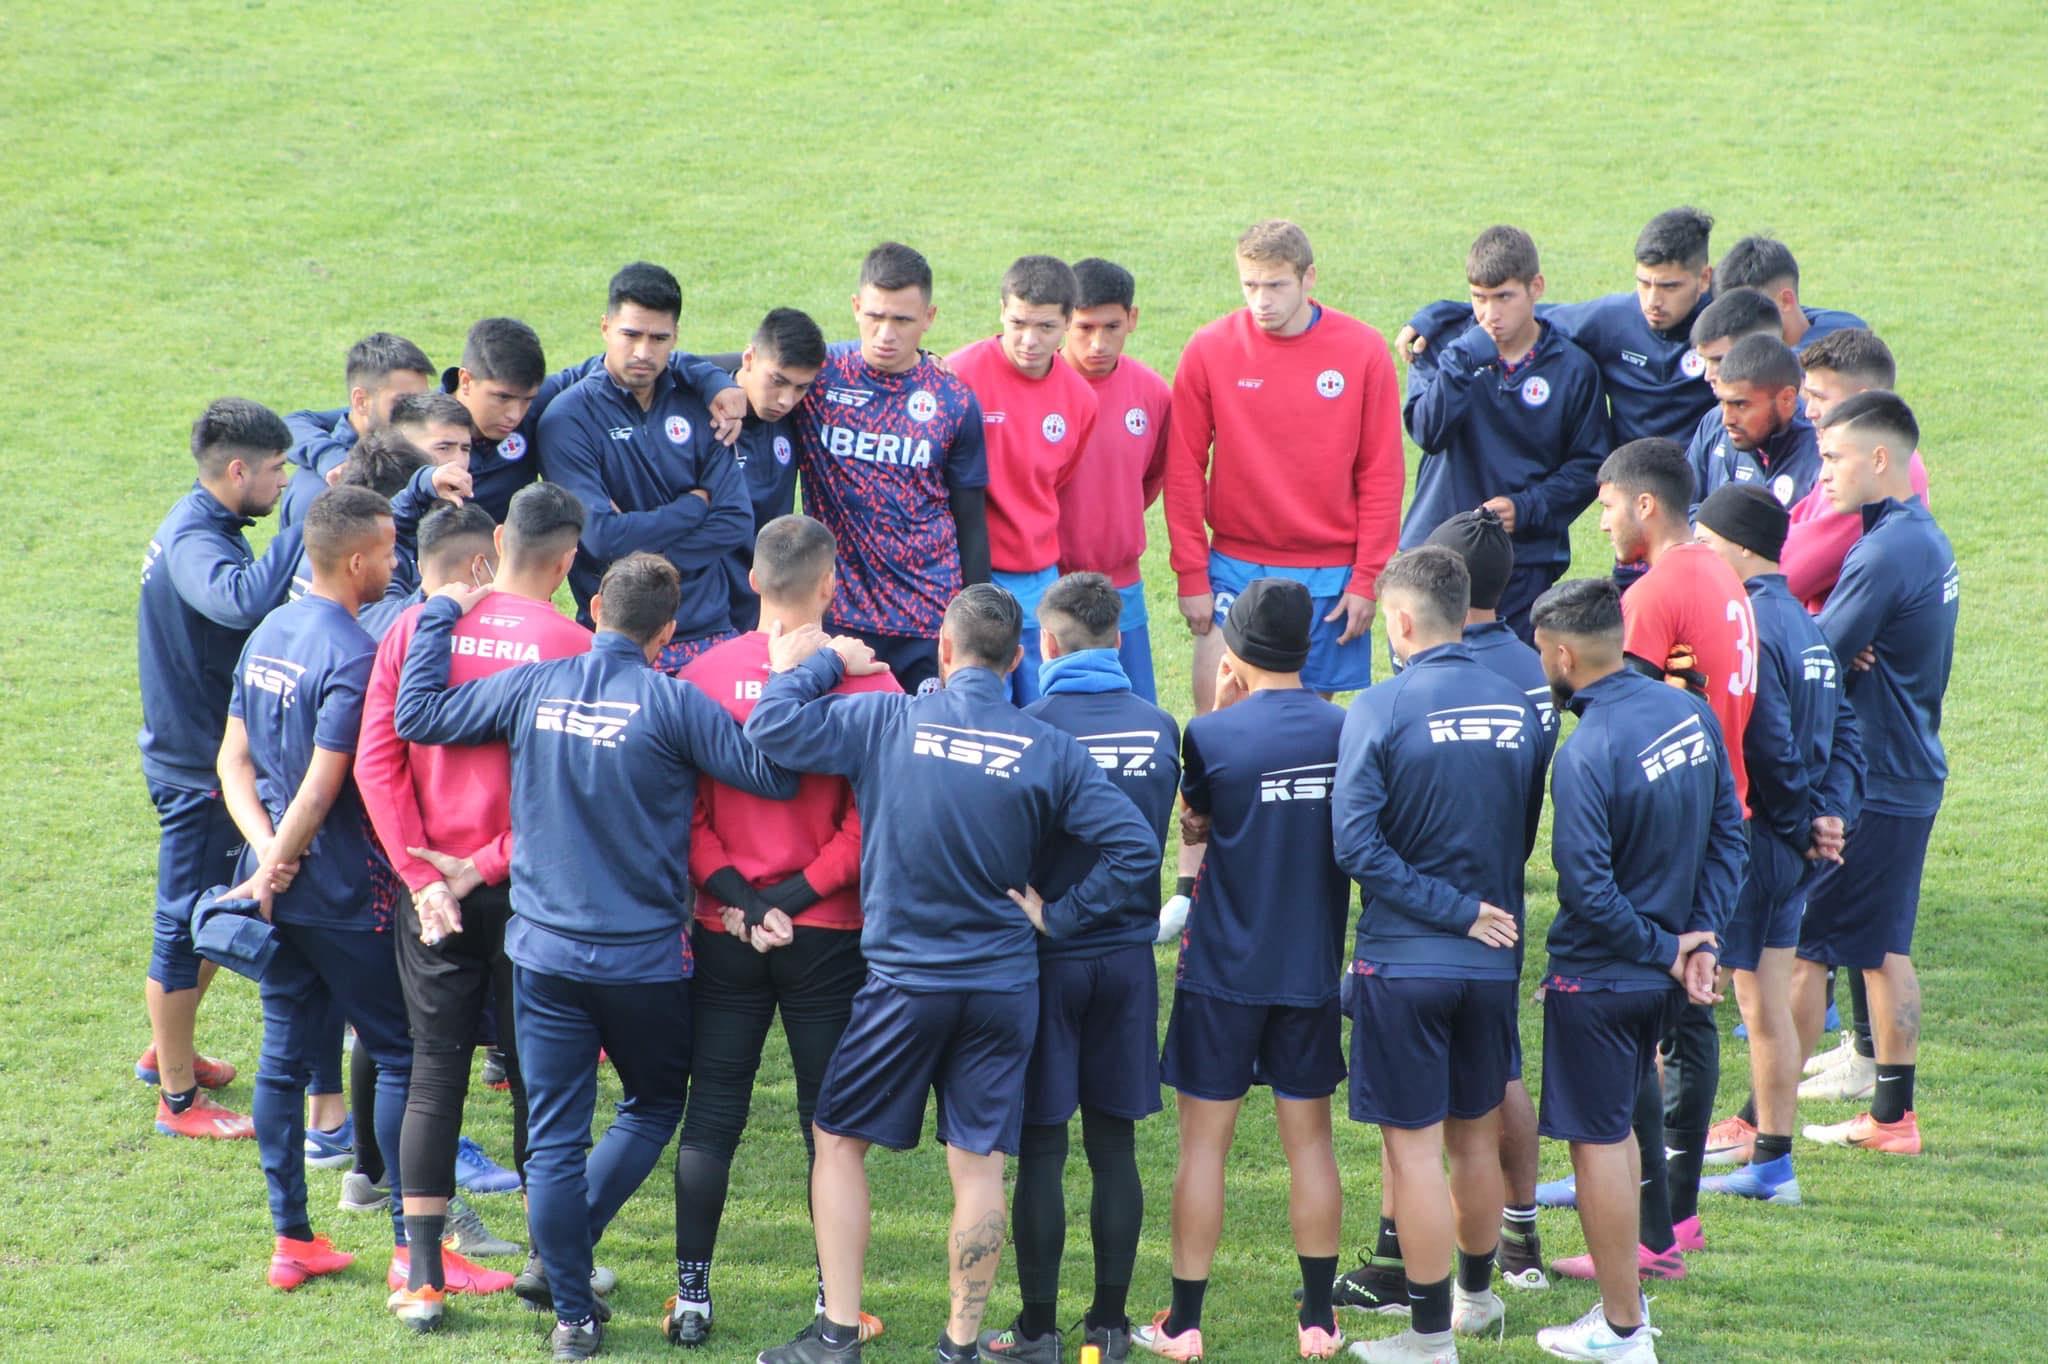 Tres jugadores de Deportes Iberia dan positivo a Covid-19